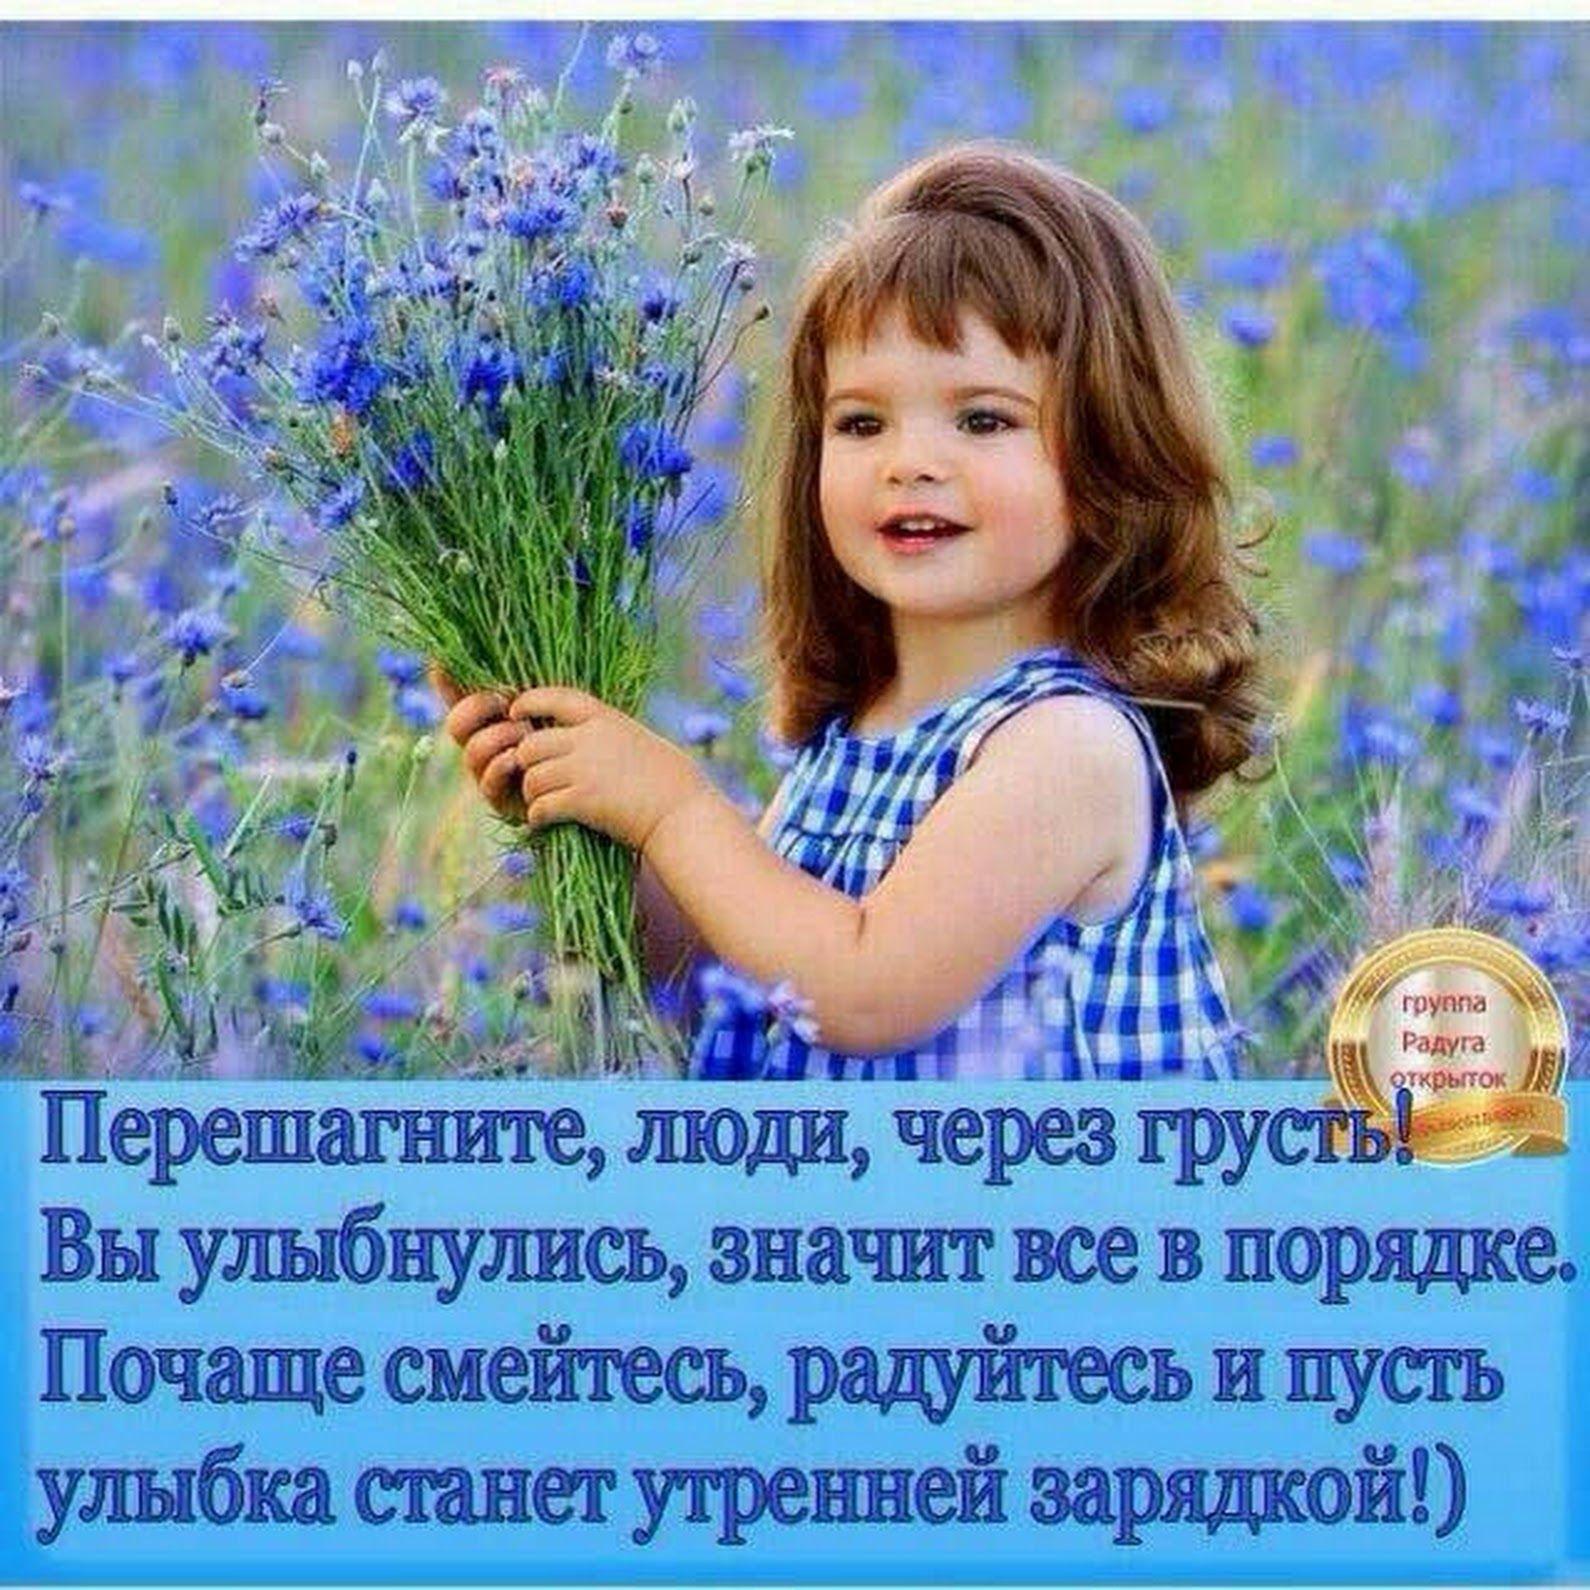 открытки улыбайтесь чаще и жизнь улыбнется вам этого